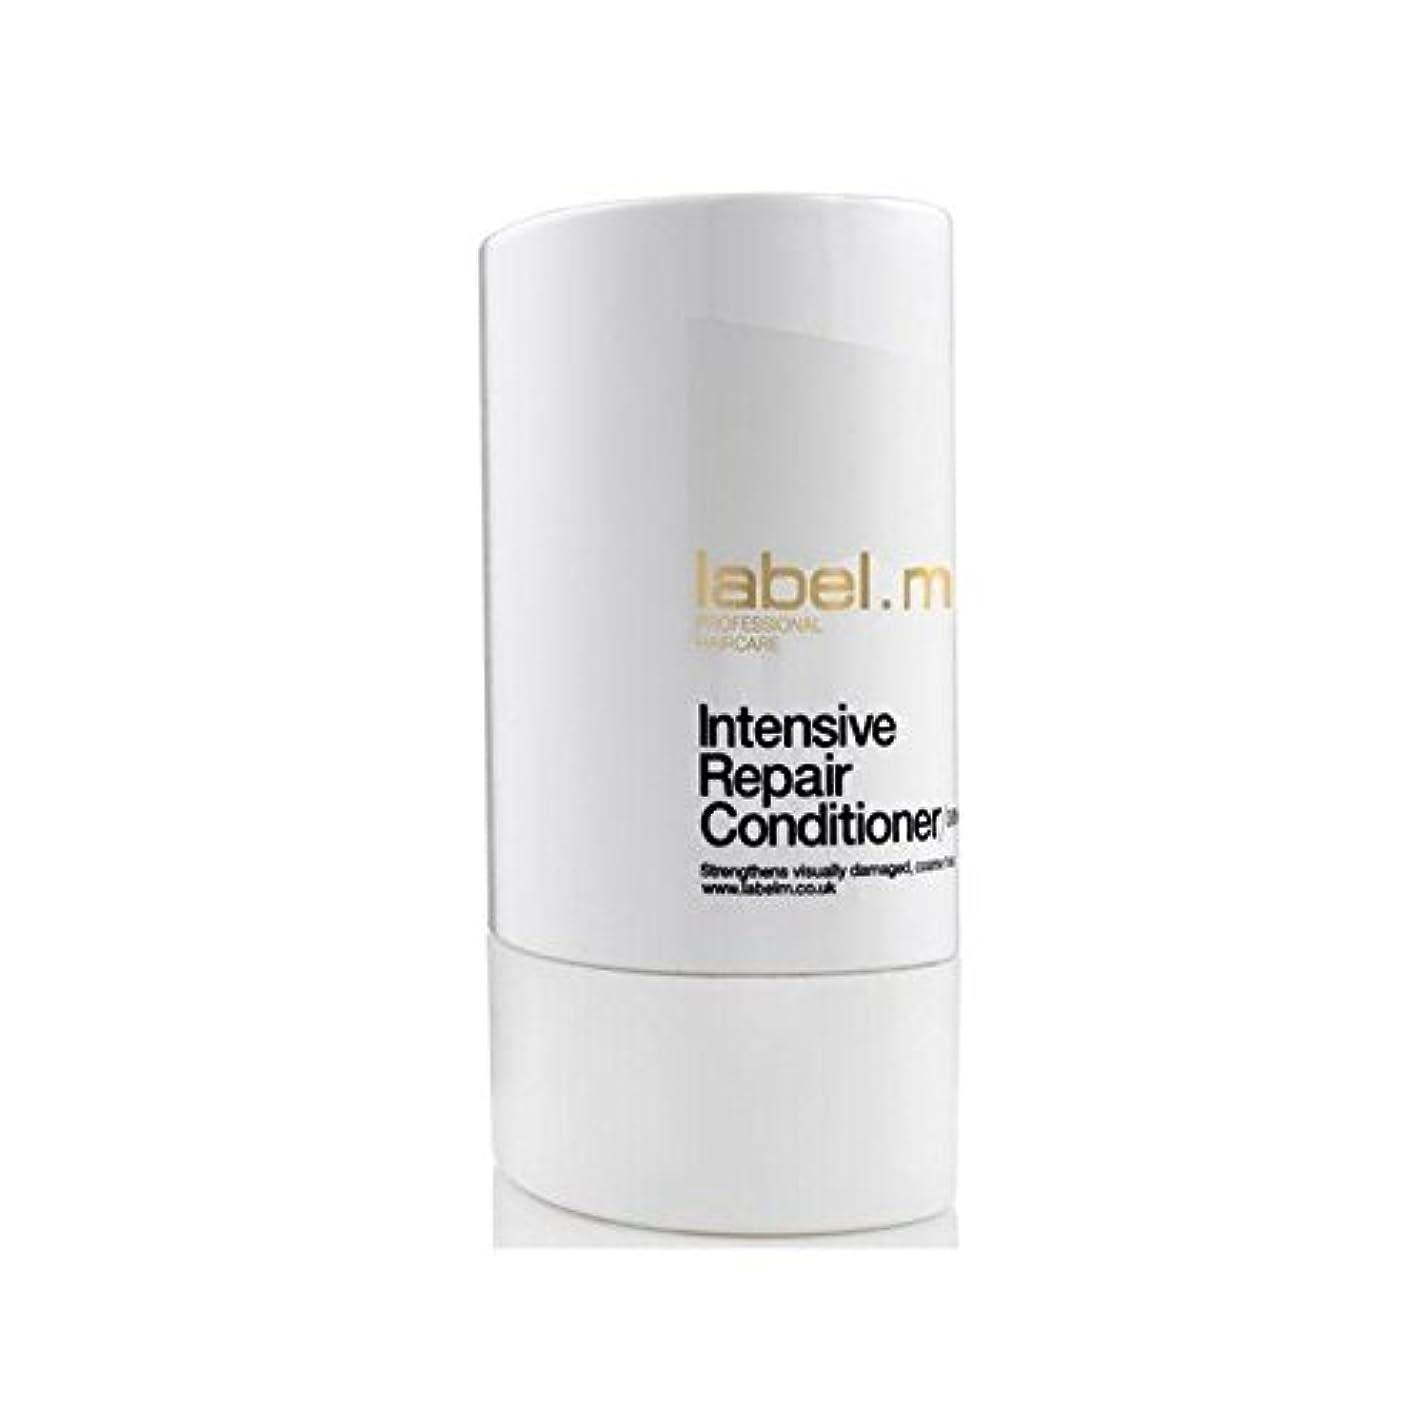 合意アコー優雅Label.M Intensive Repair Conditioner (300ml) - .の集中リペアコンディショナー(300ミリリットル) [並行輸入品]